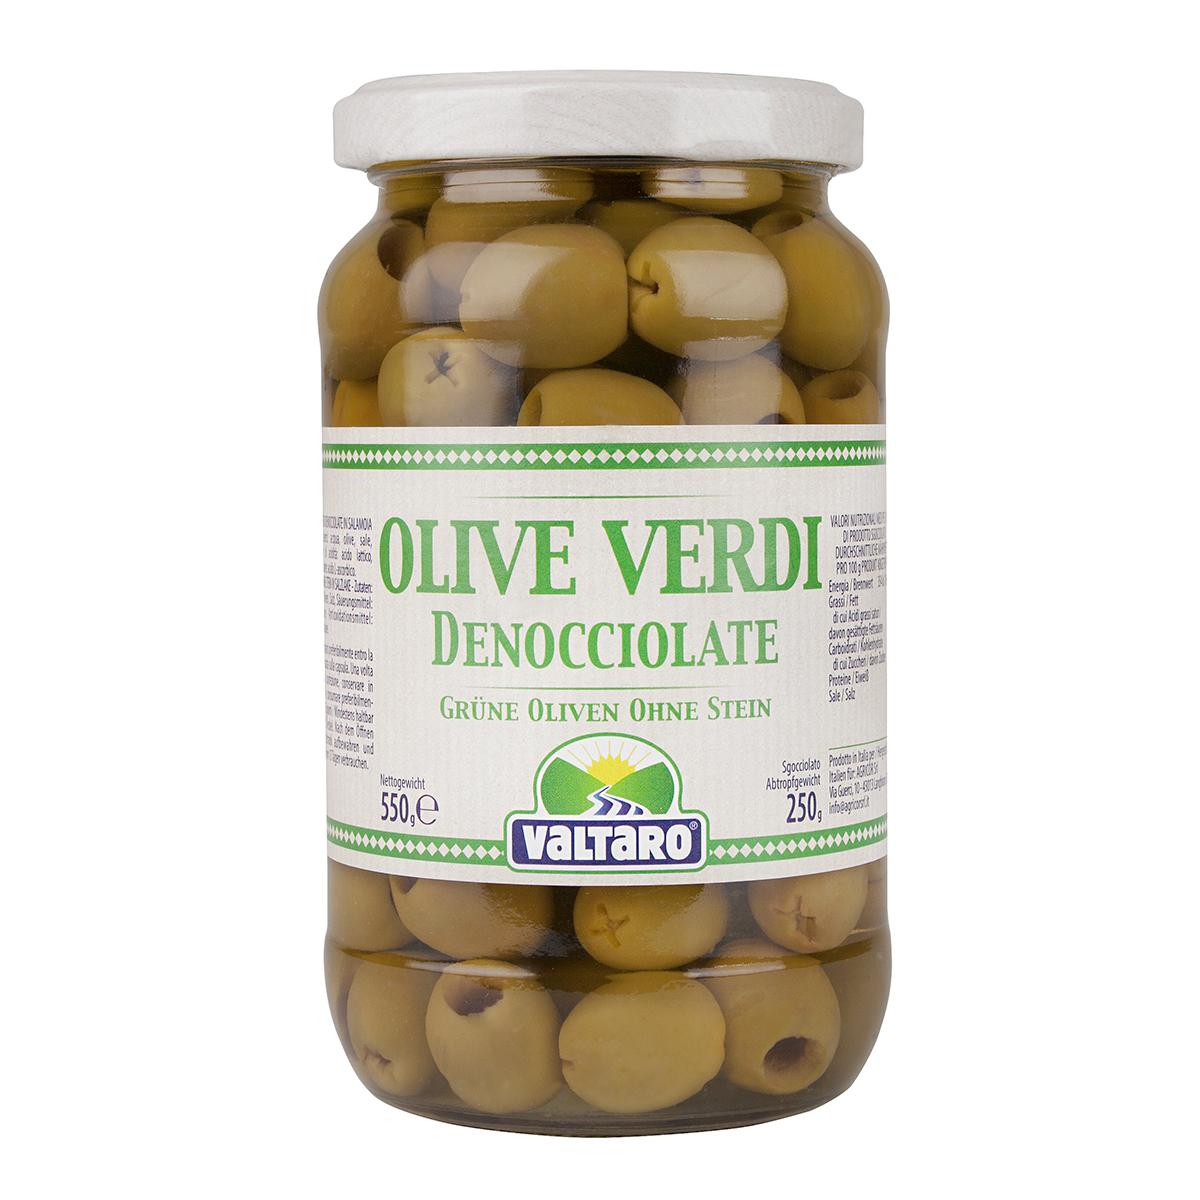 Valtaro_Olive_verdi_denocciolate_580ml_1200